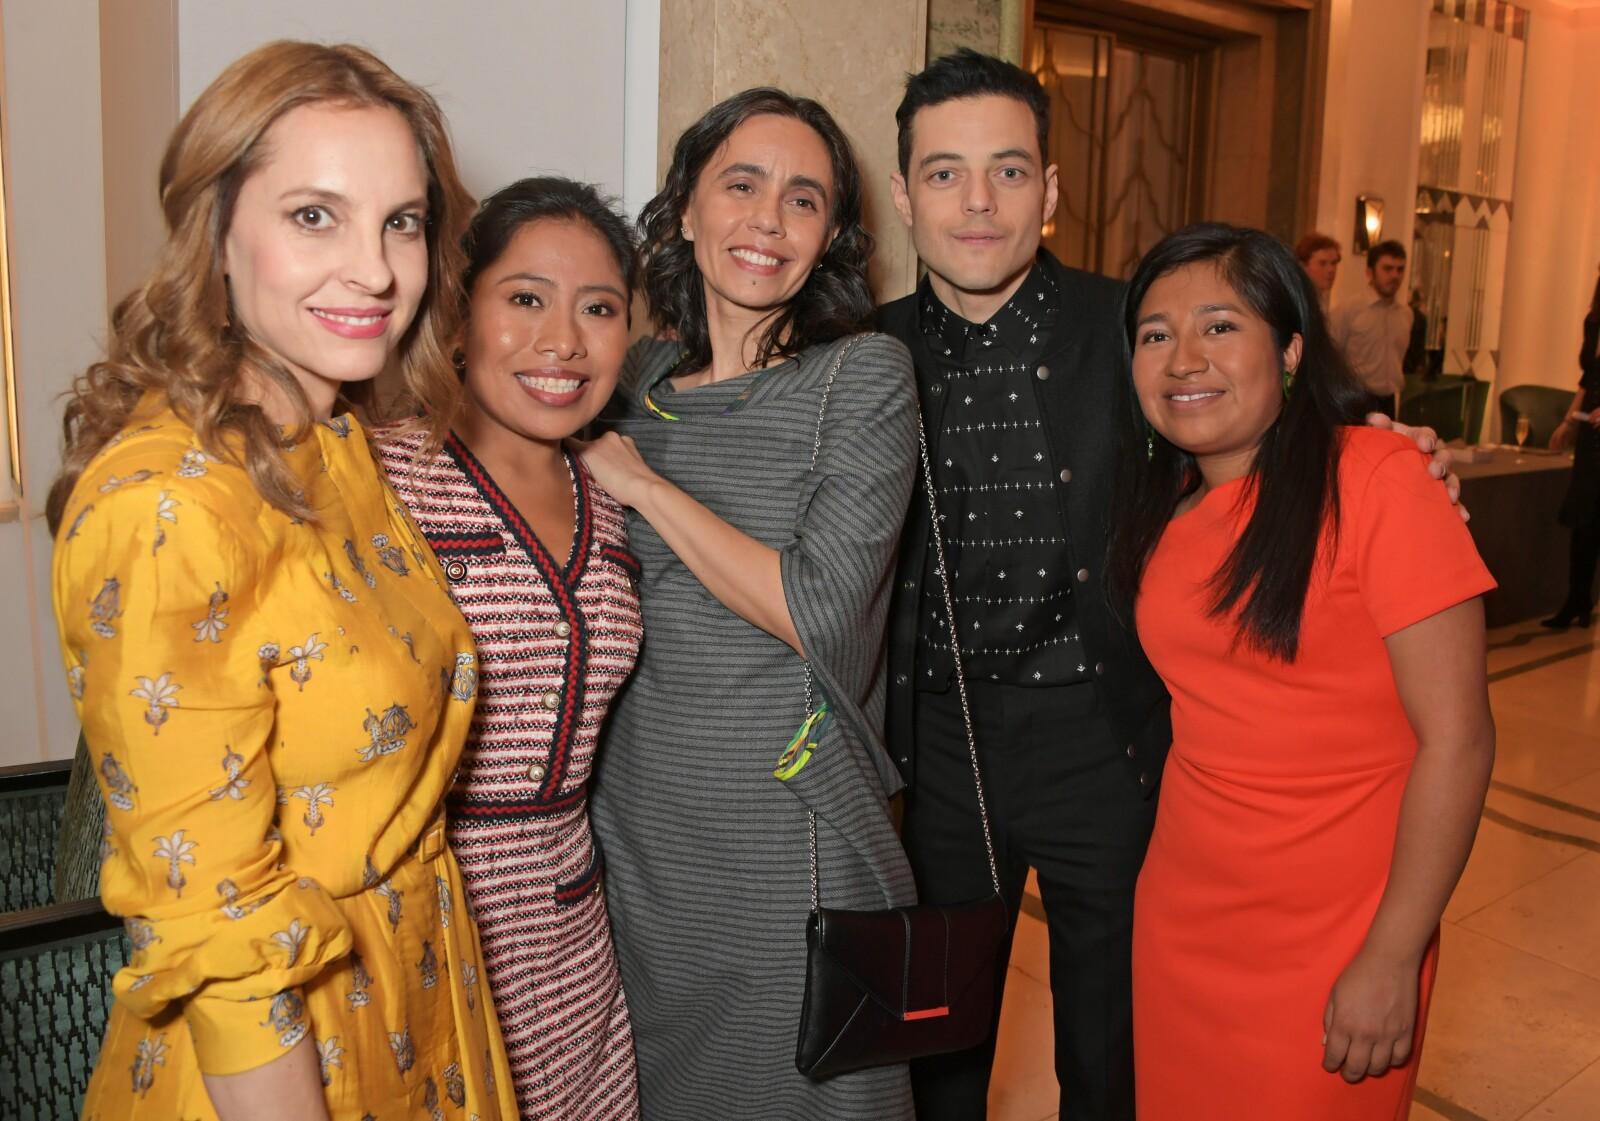 Marina de Tavira, Yalitza Aparicio, Barbara Enriquez, Rami Malek y Nancy Garcia García